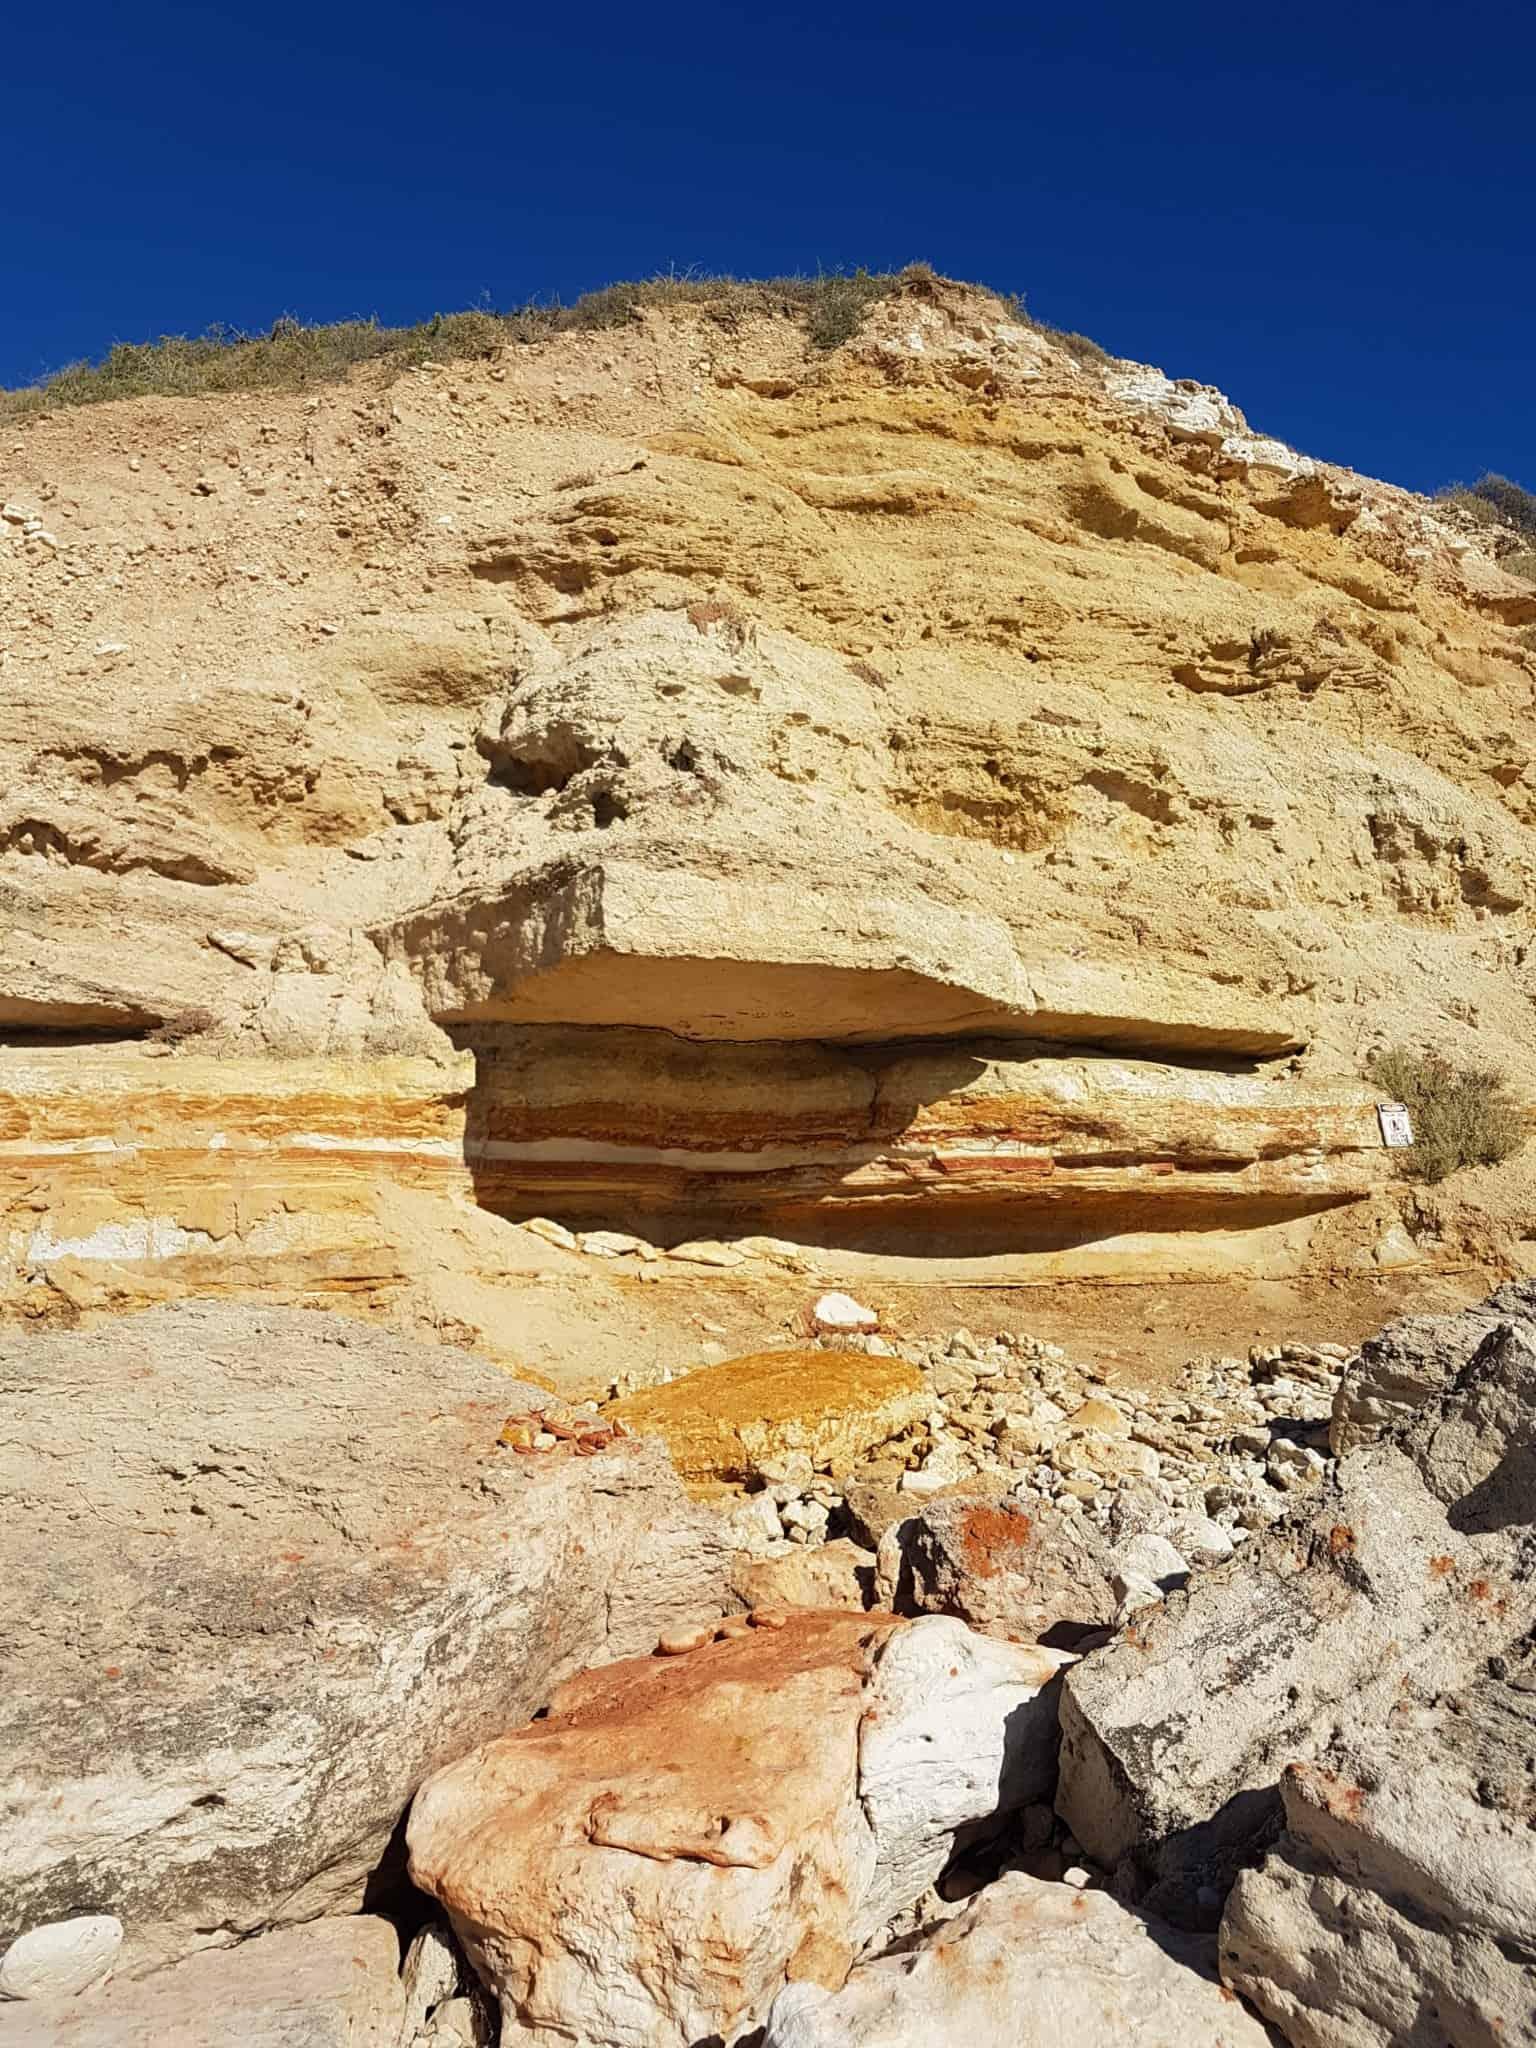 Australie, dégustation de vin et découverte de la réserve Towilla Yerta 🌅 11